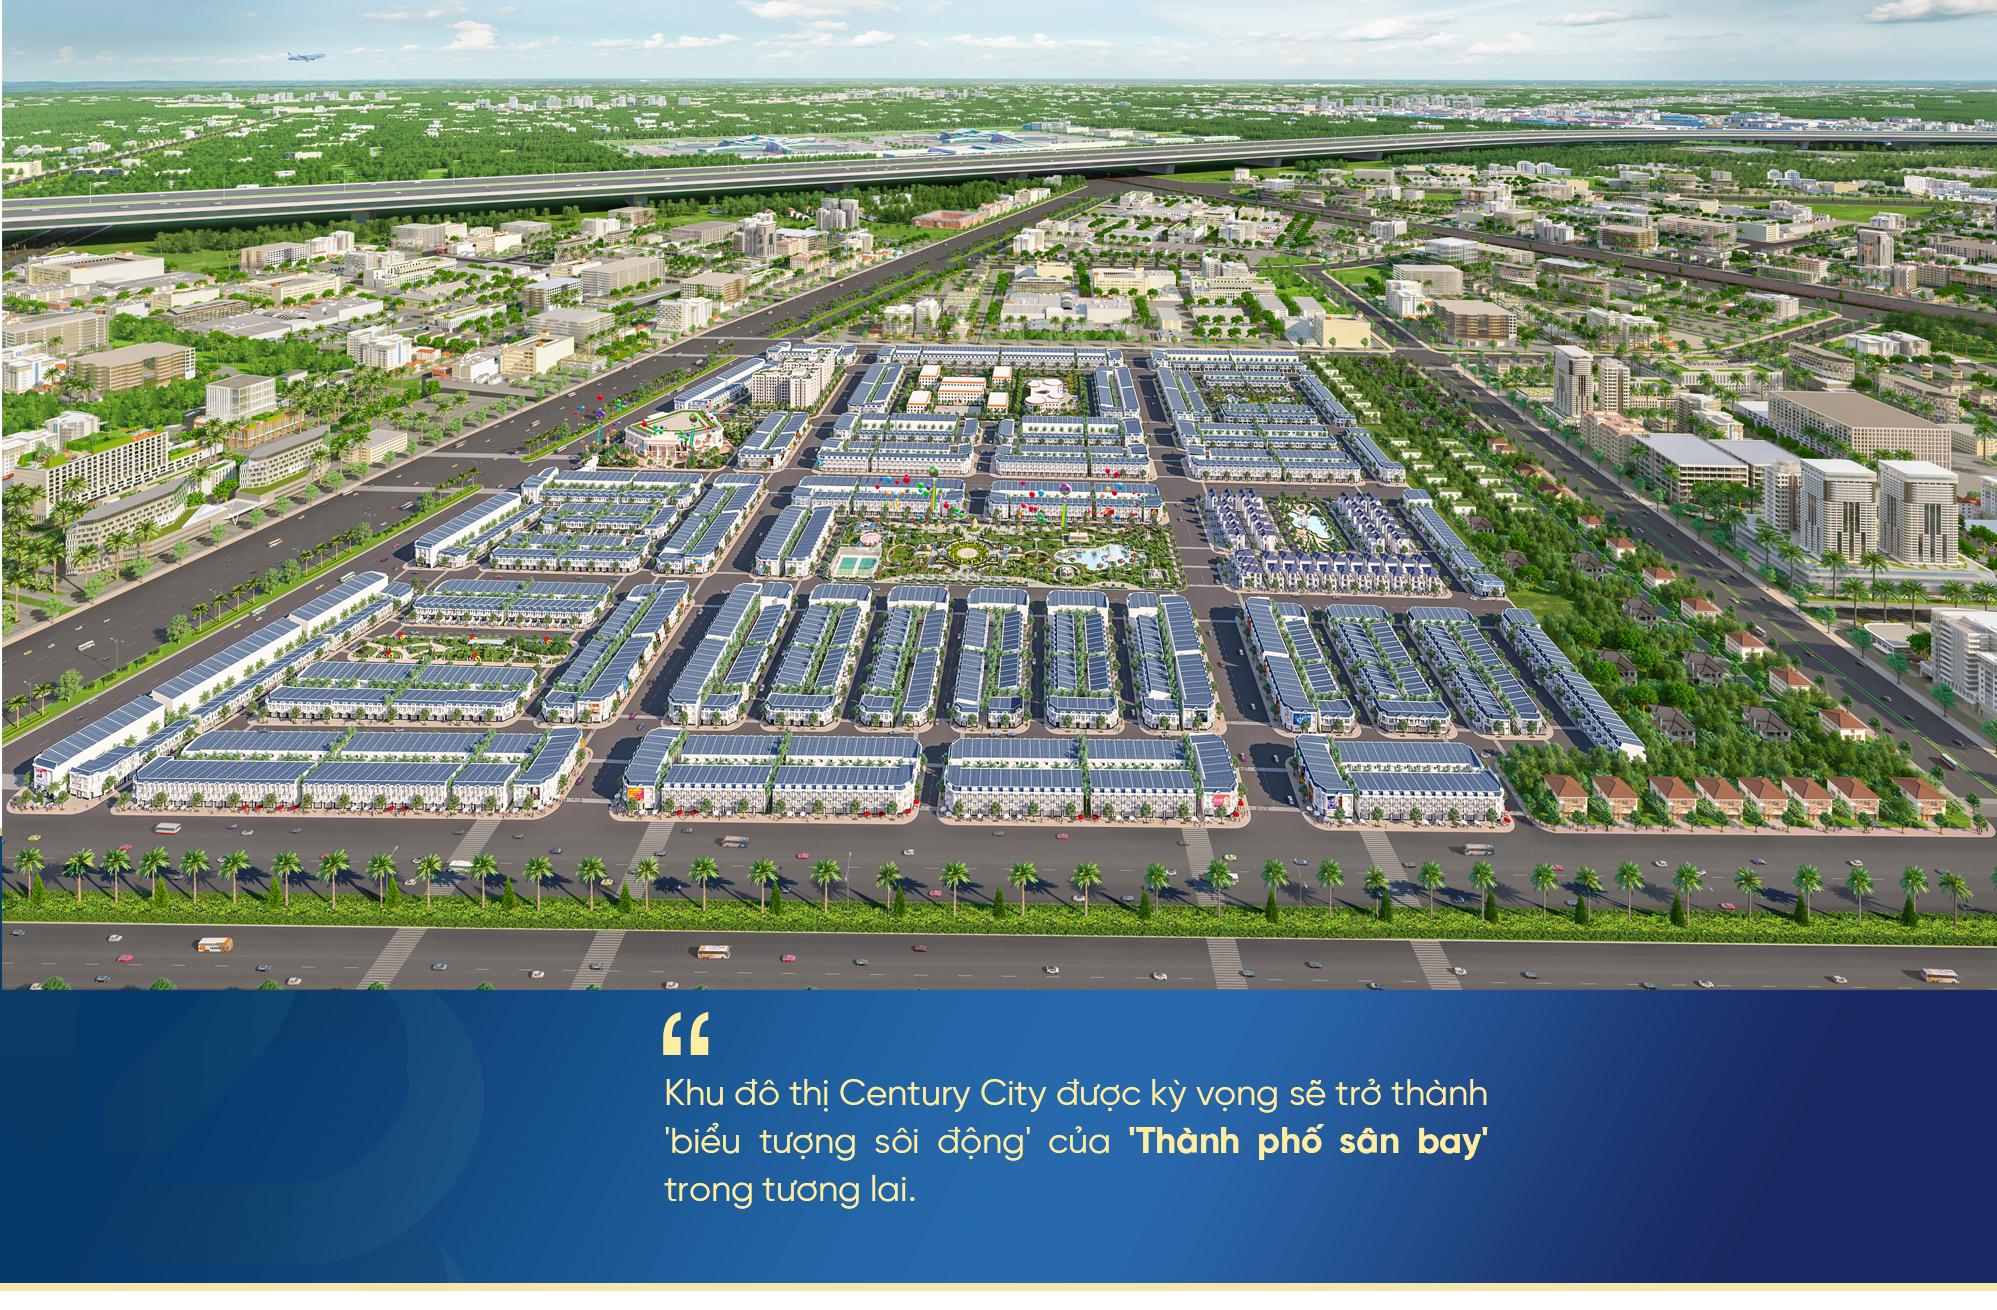 """Century City: Khám phá sức hấp dẫn đến từ biểu tượng sôi động khu vực trung tâm """"thành phố sân bay"""" - Ảnh 11."""